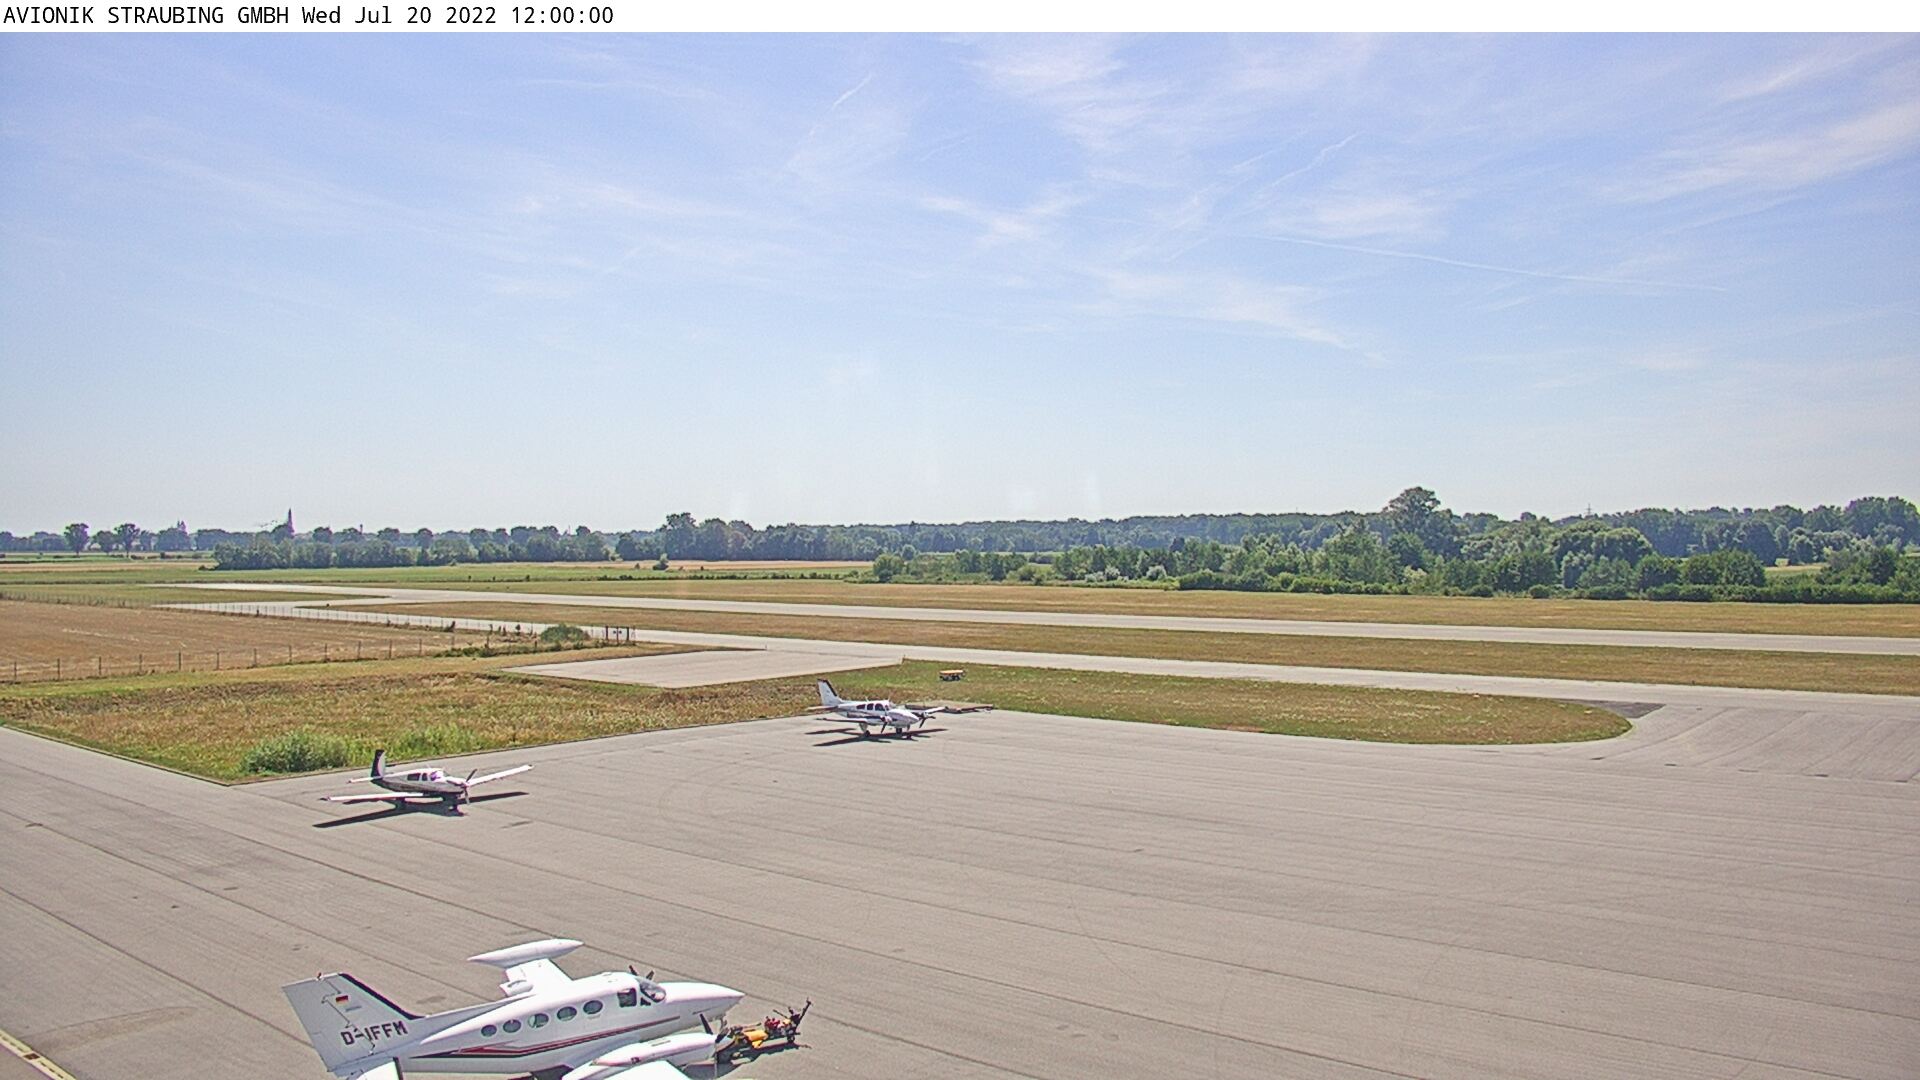 Webcam Flugplatz Straubing